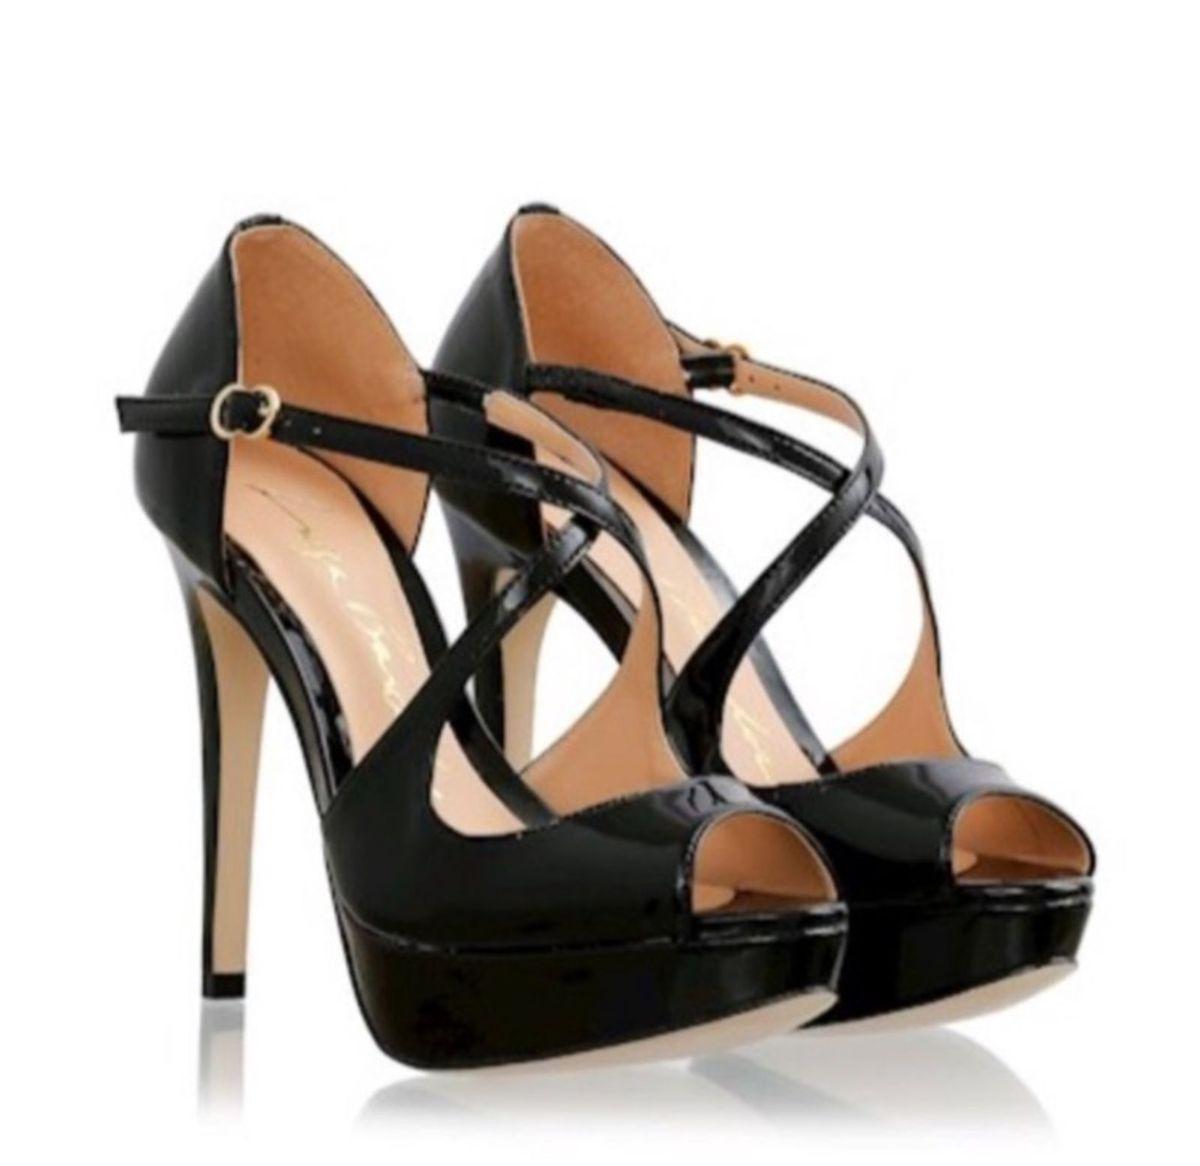 19993cc25 linda sandalia peep toe preta luiza barcelos preta verniz salto alto fino  plataforma - sandálias luiza